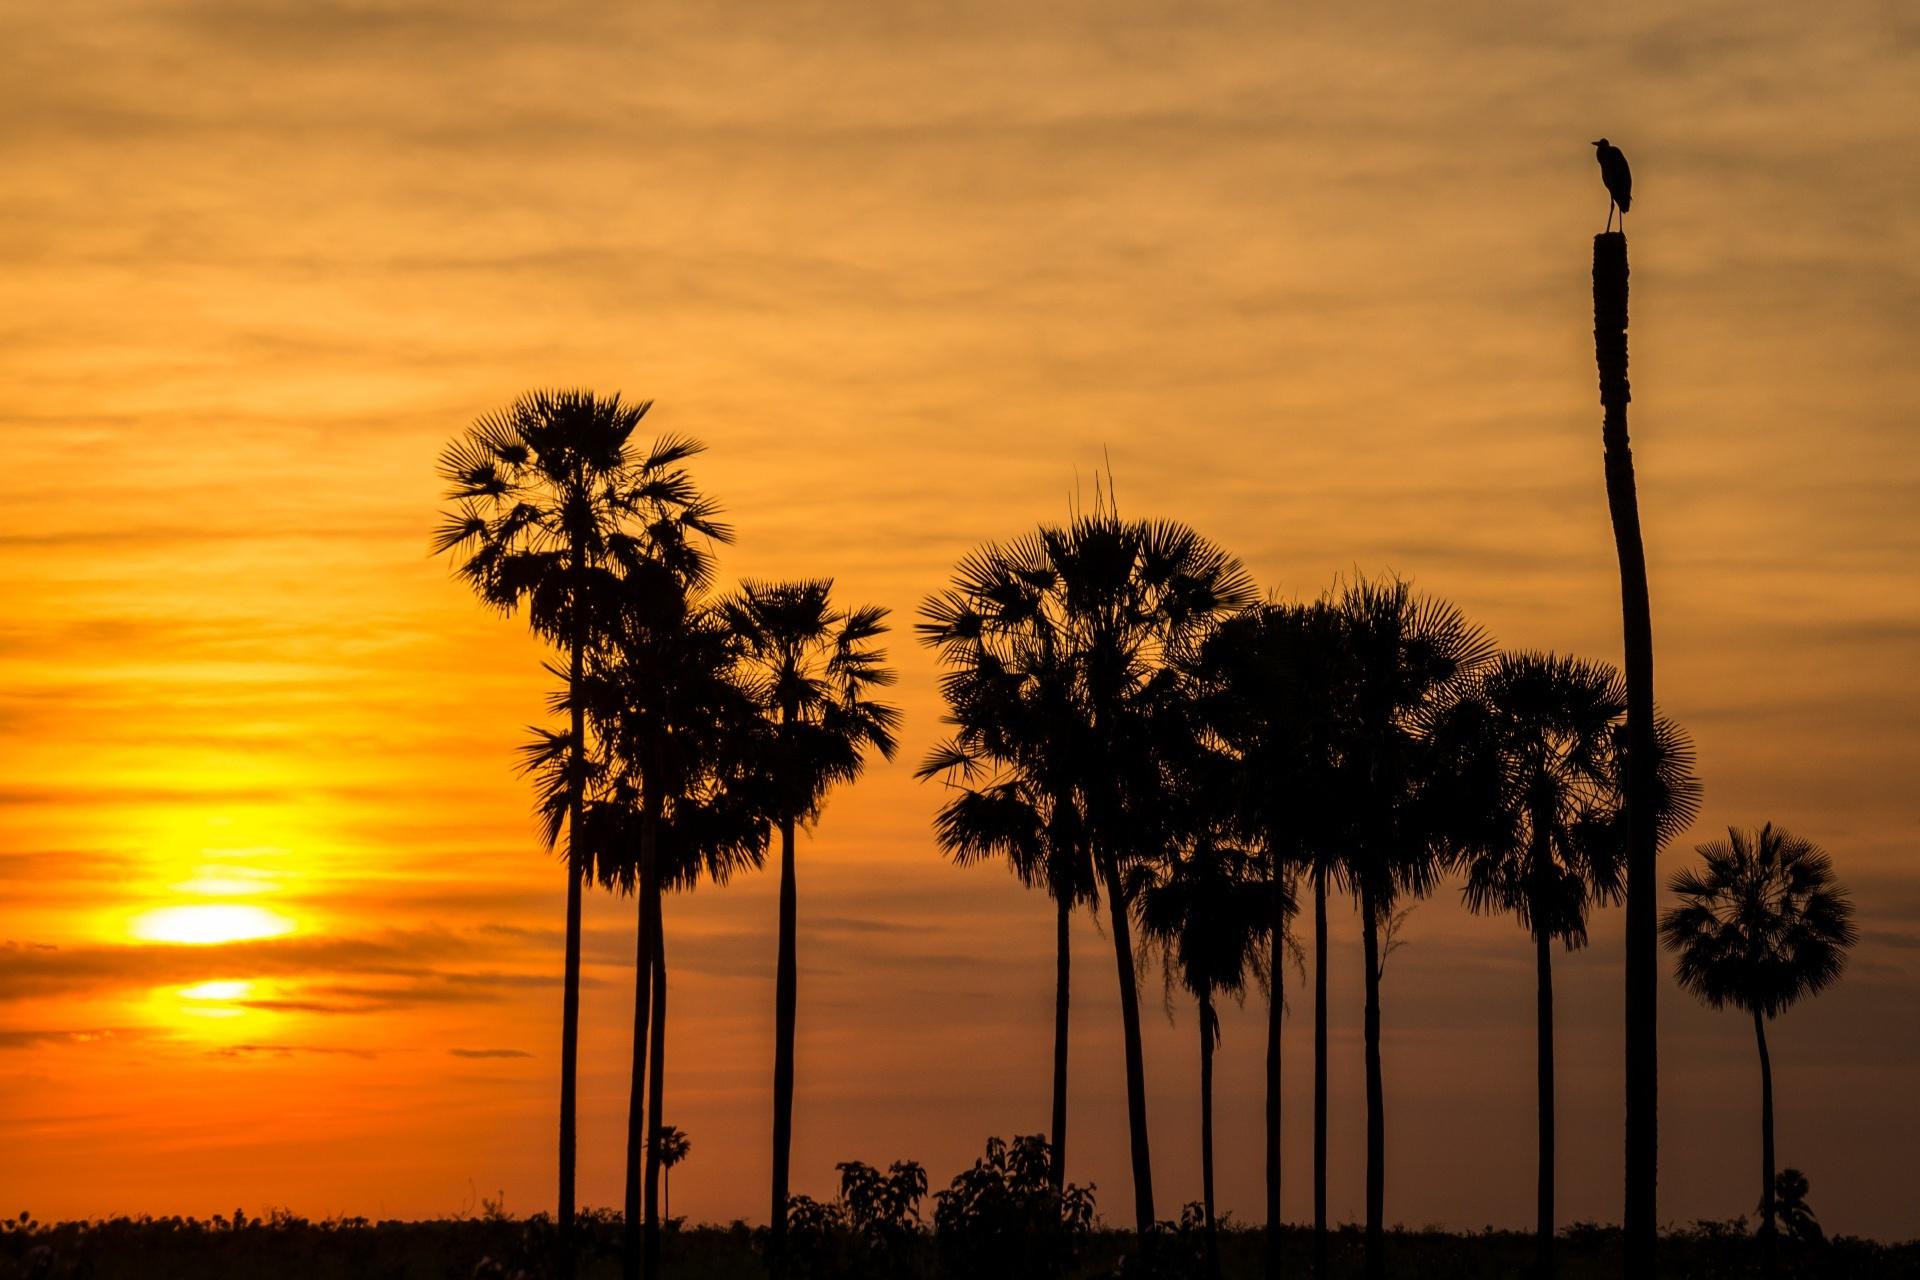 夕暮れのパンタナルの風景 パラグアイの風景